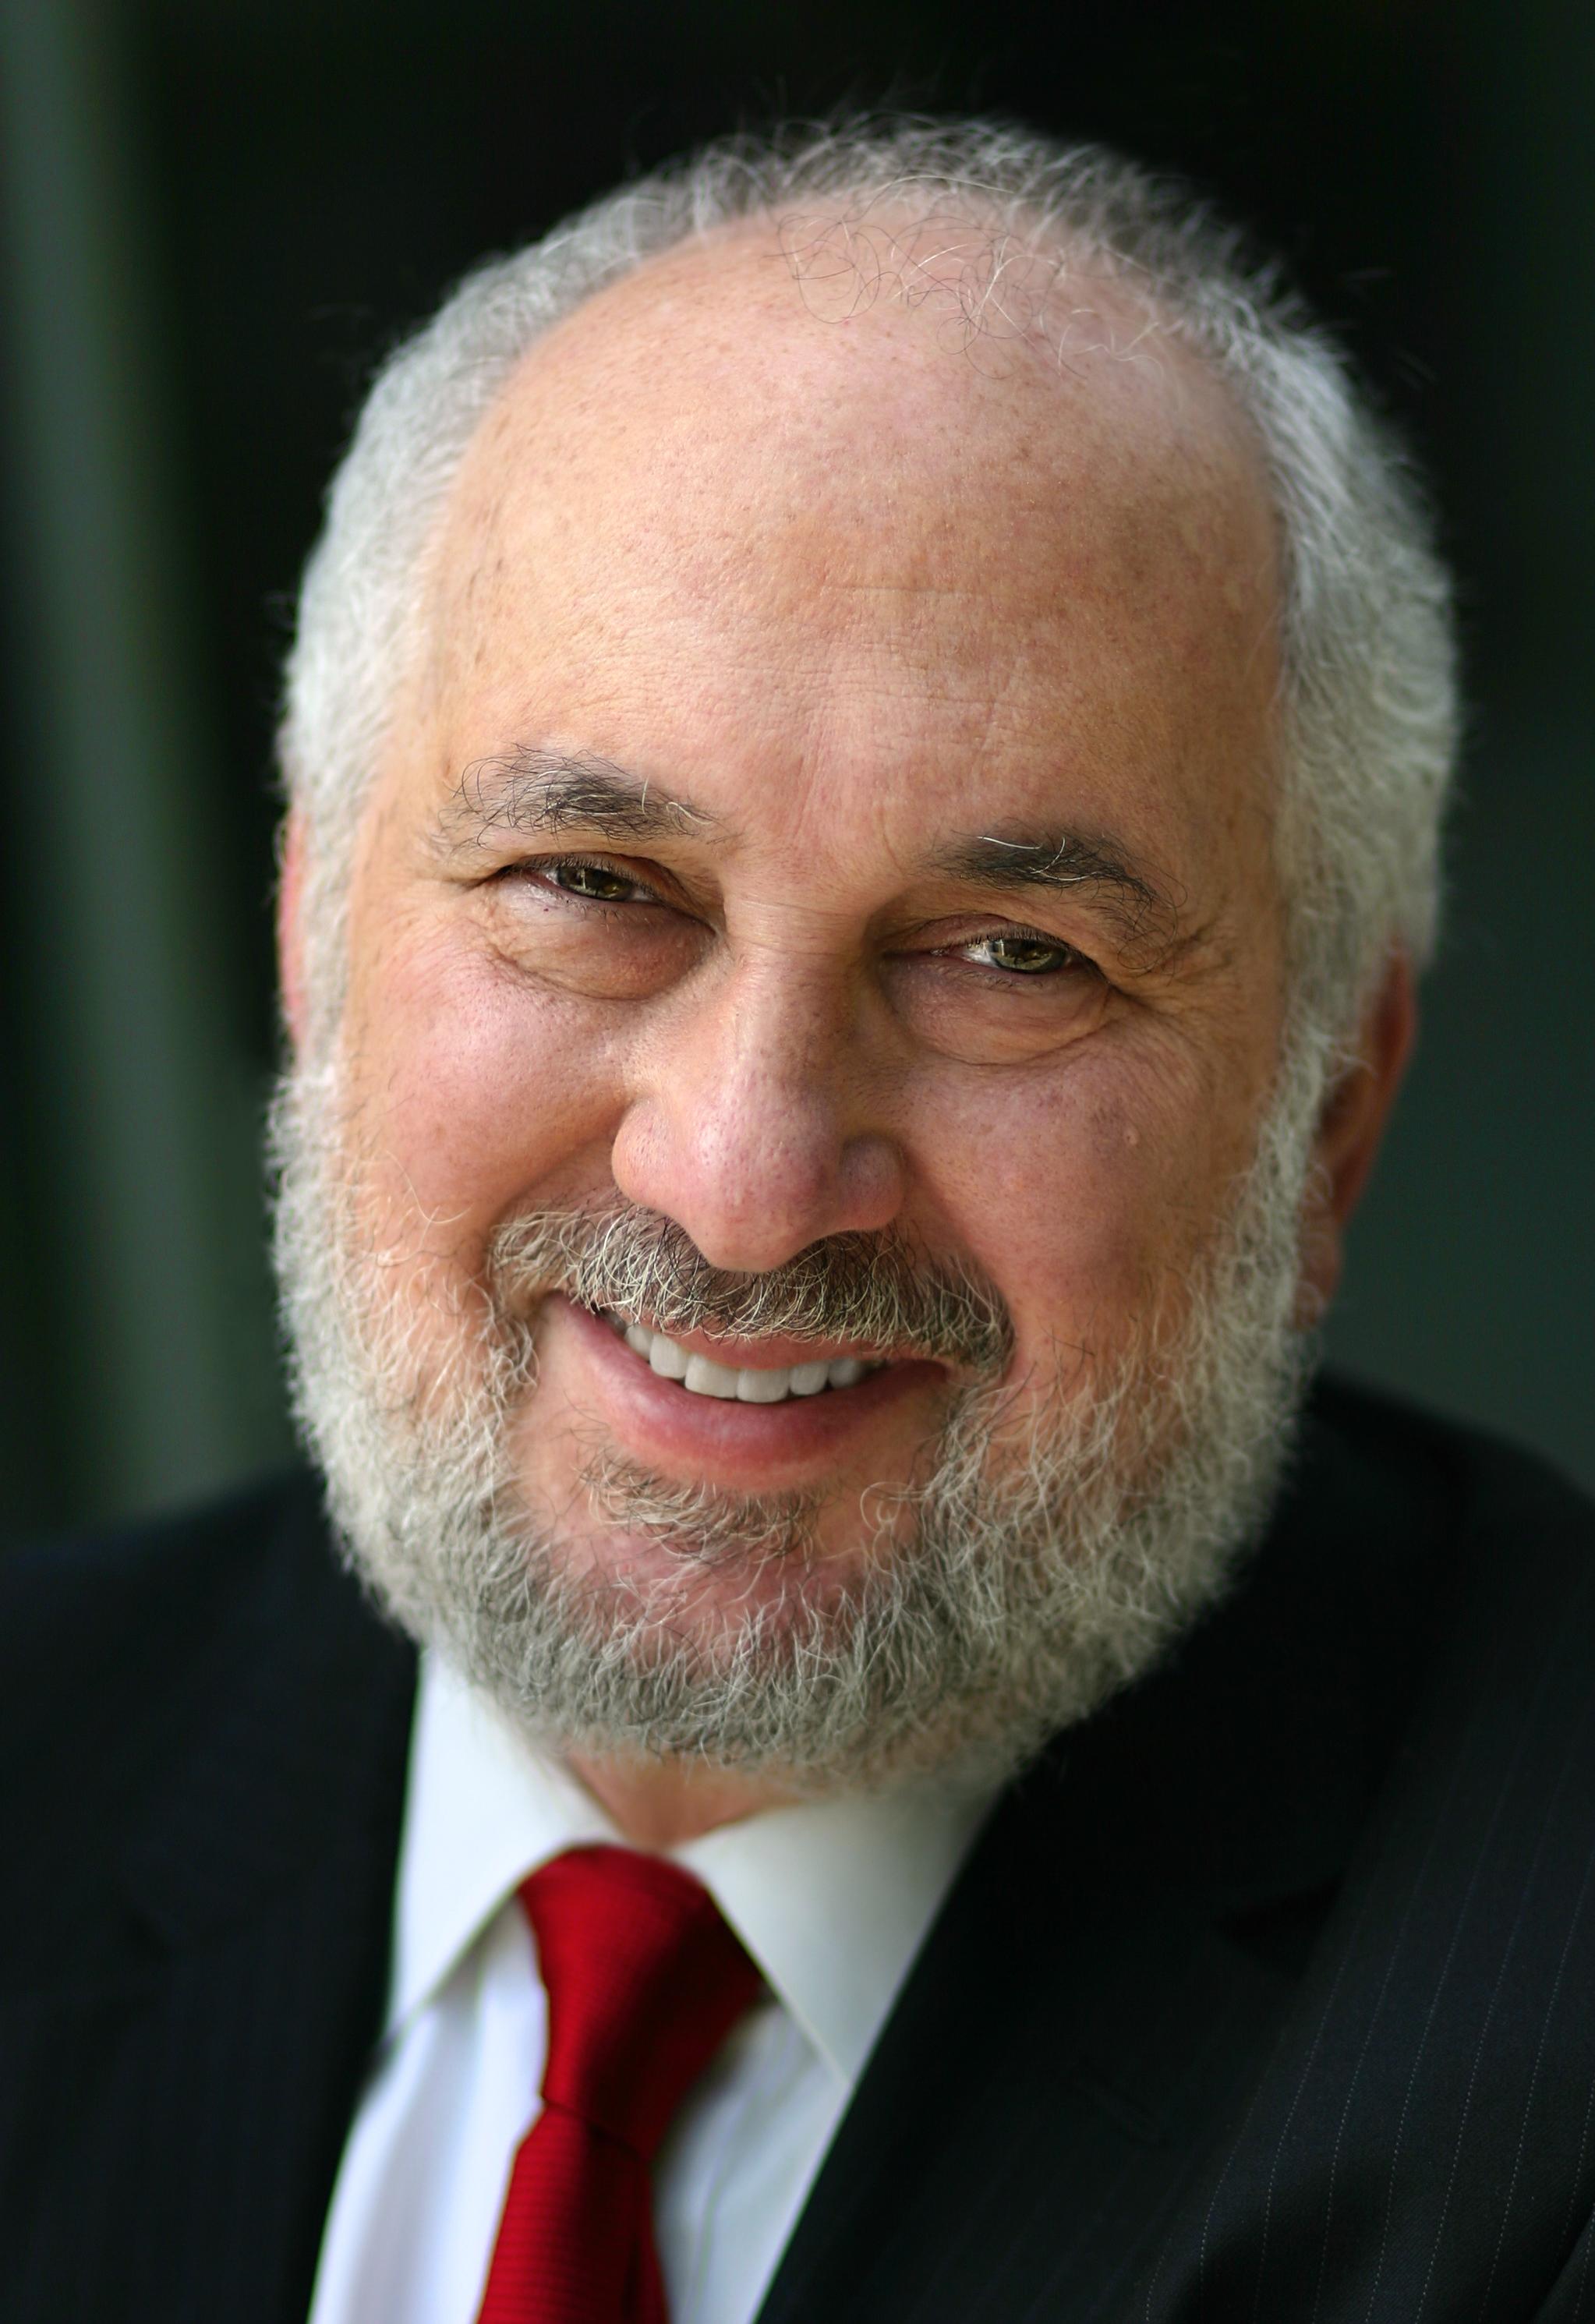 Charles.Rosenberg.author.photo_300_dpi